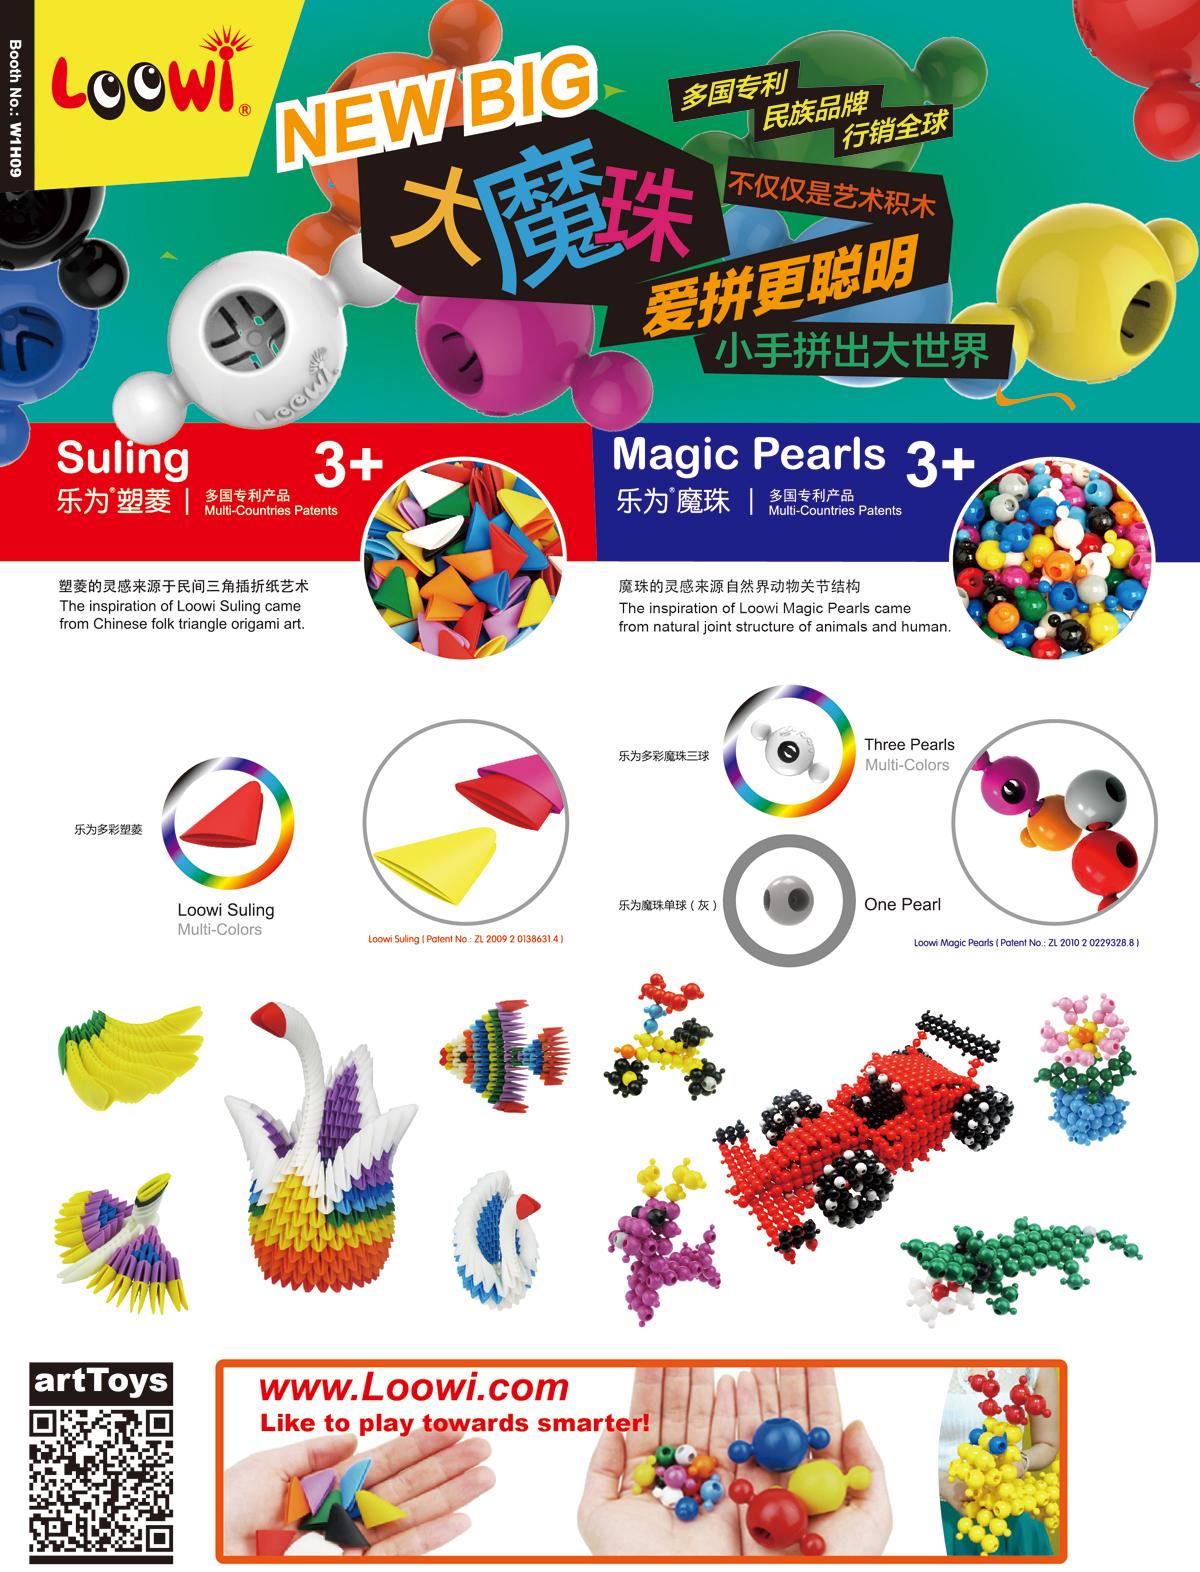 2014中国玩具展,主办方:中国玩具和婴童用品协会,上海新国际博览中心,10月14-16日,乐为艺术积木,展位号:W1H09